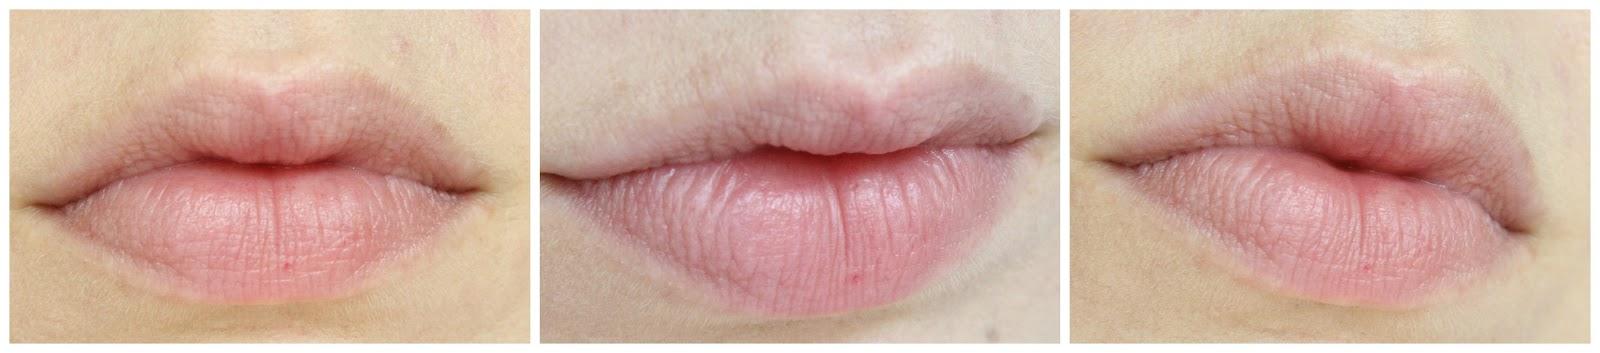 Lippen ohne Lip Gloss